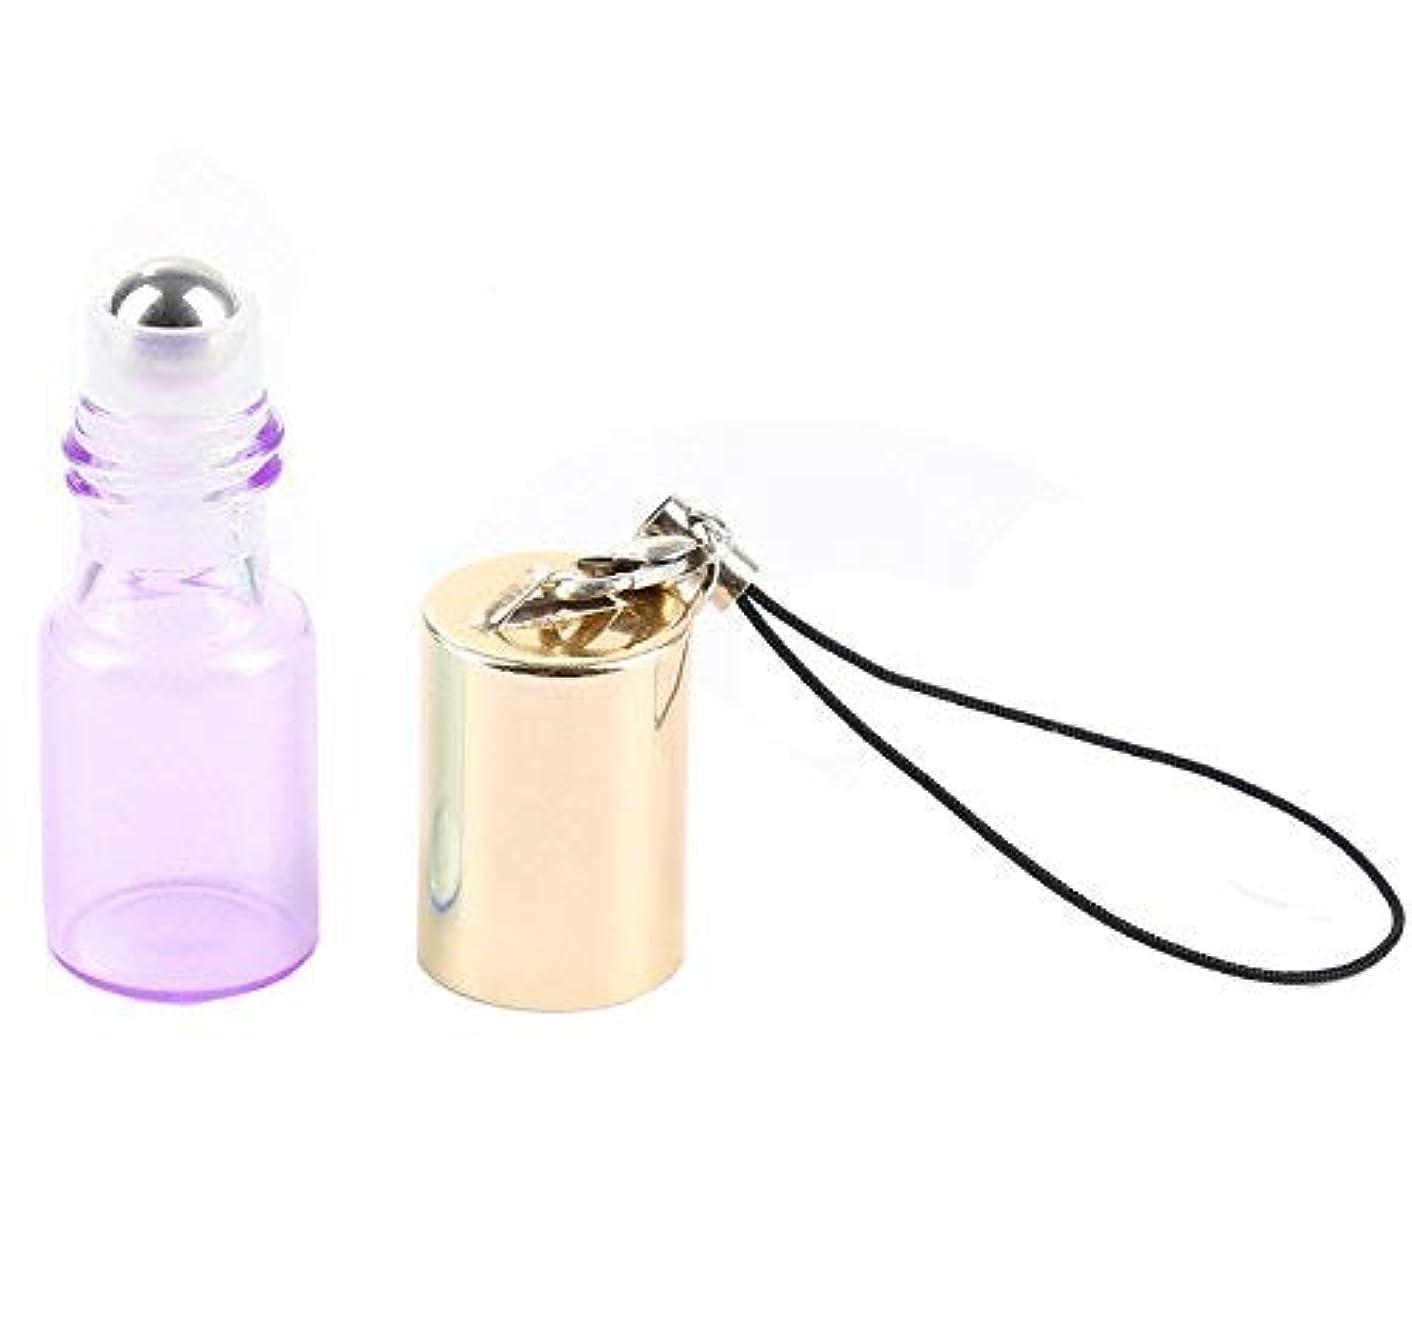 好意アフリカ人カレンダーEmpty Roller Bottles - Pack of 12 3ml Pearl Colored Glass Roll-on Bottles for Essential Oil Container with Golden...